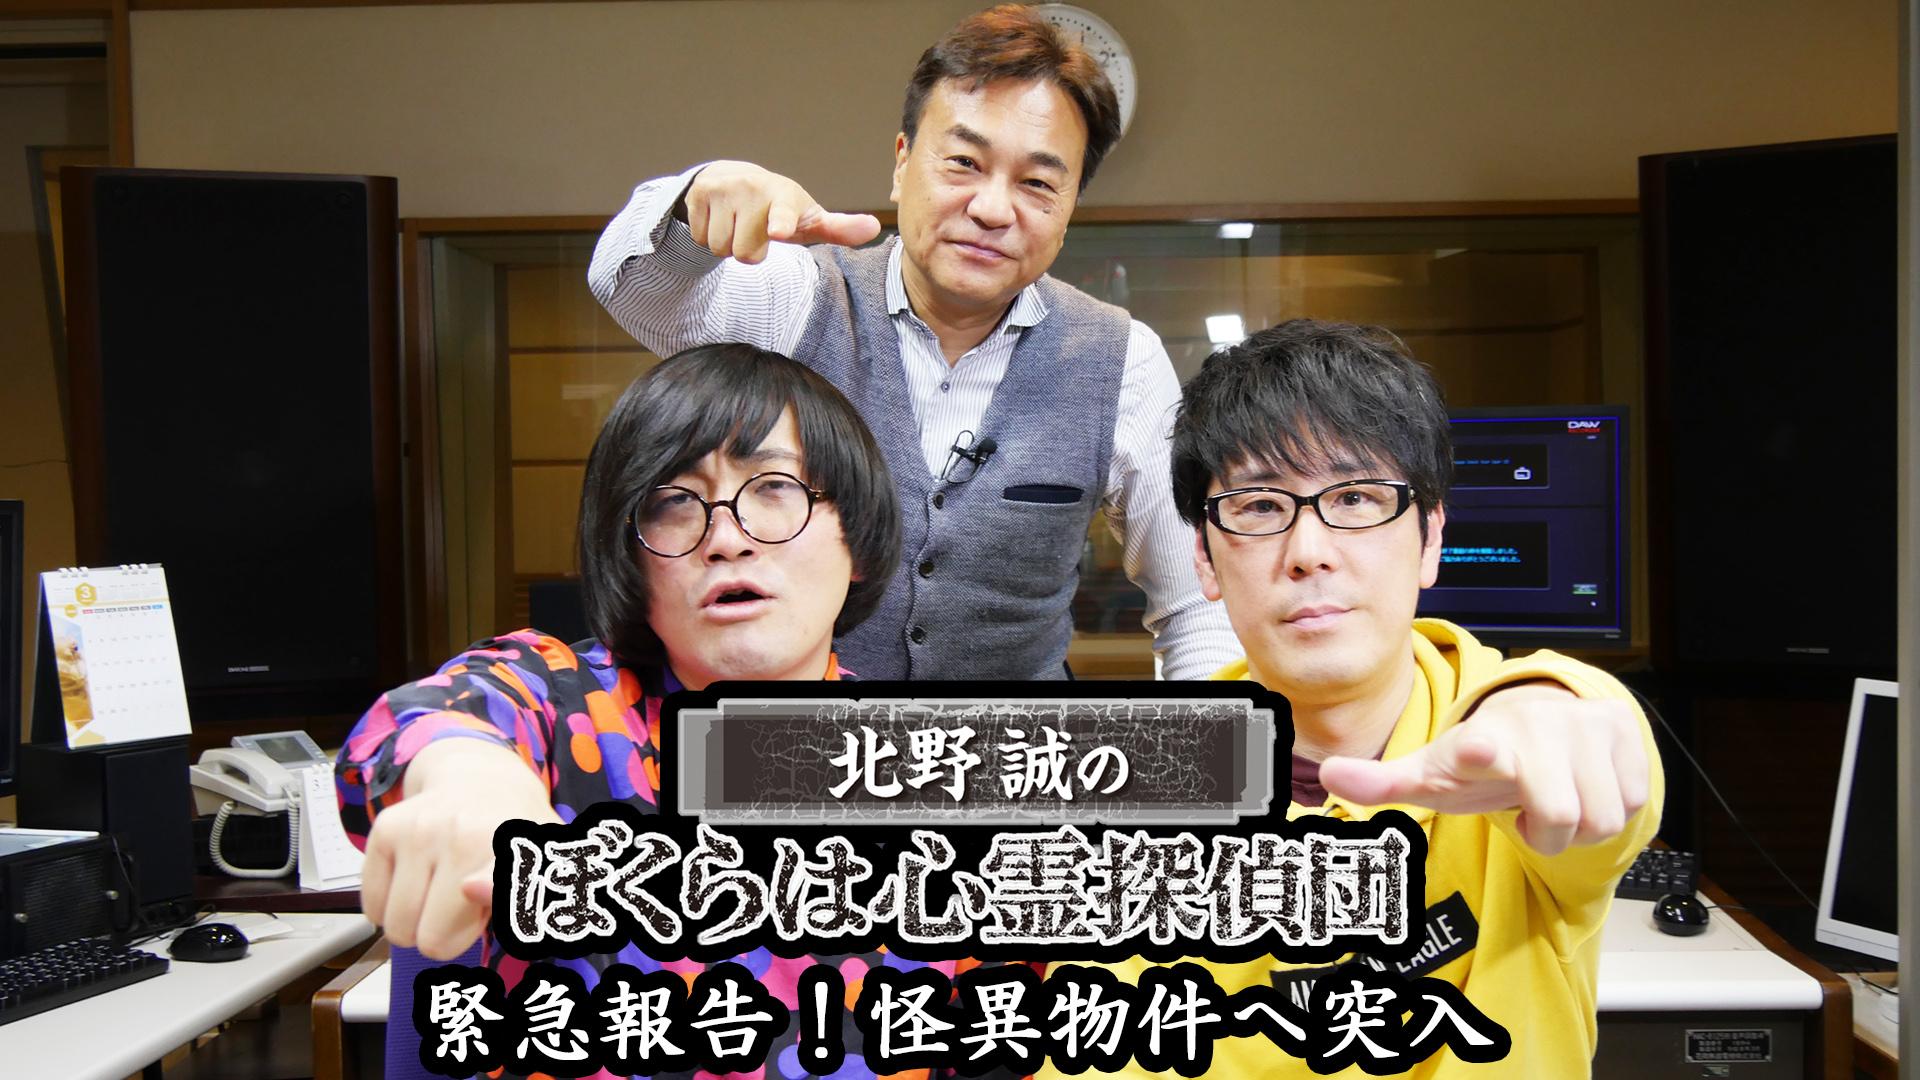 北野誠のぼくらは心霊探偵団 緊急報告!怪異物件へ突入